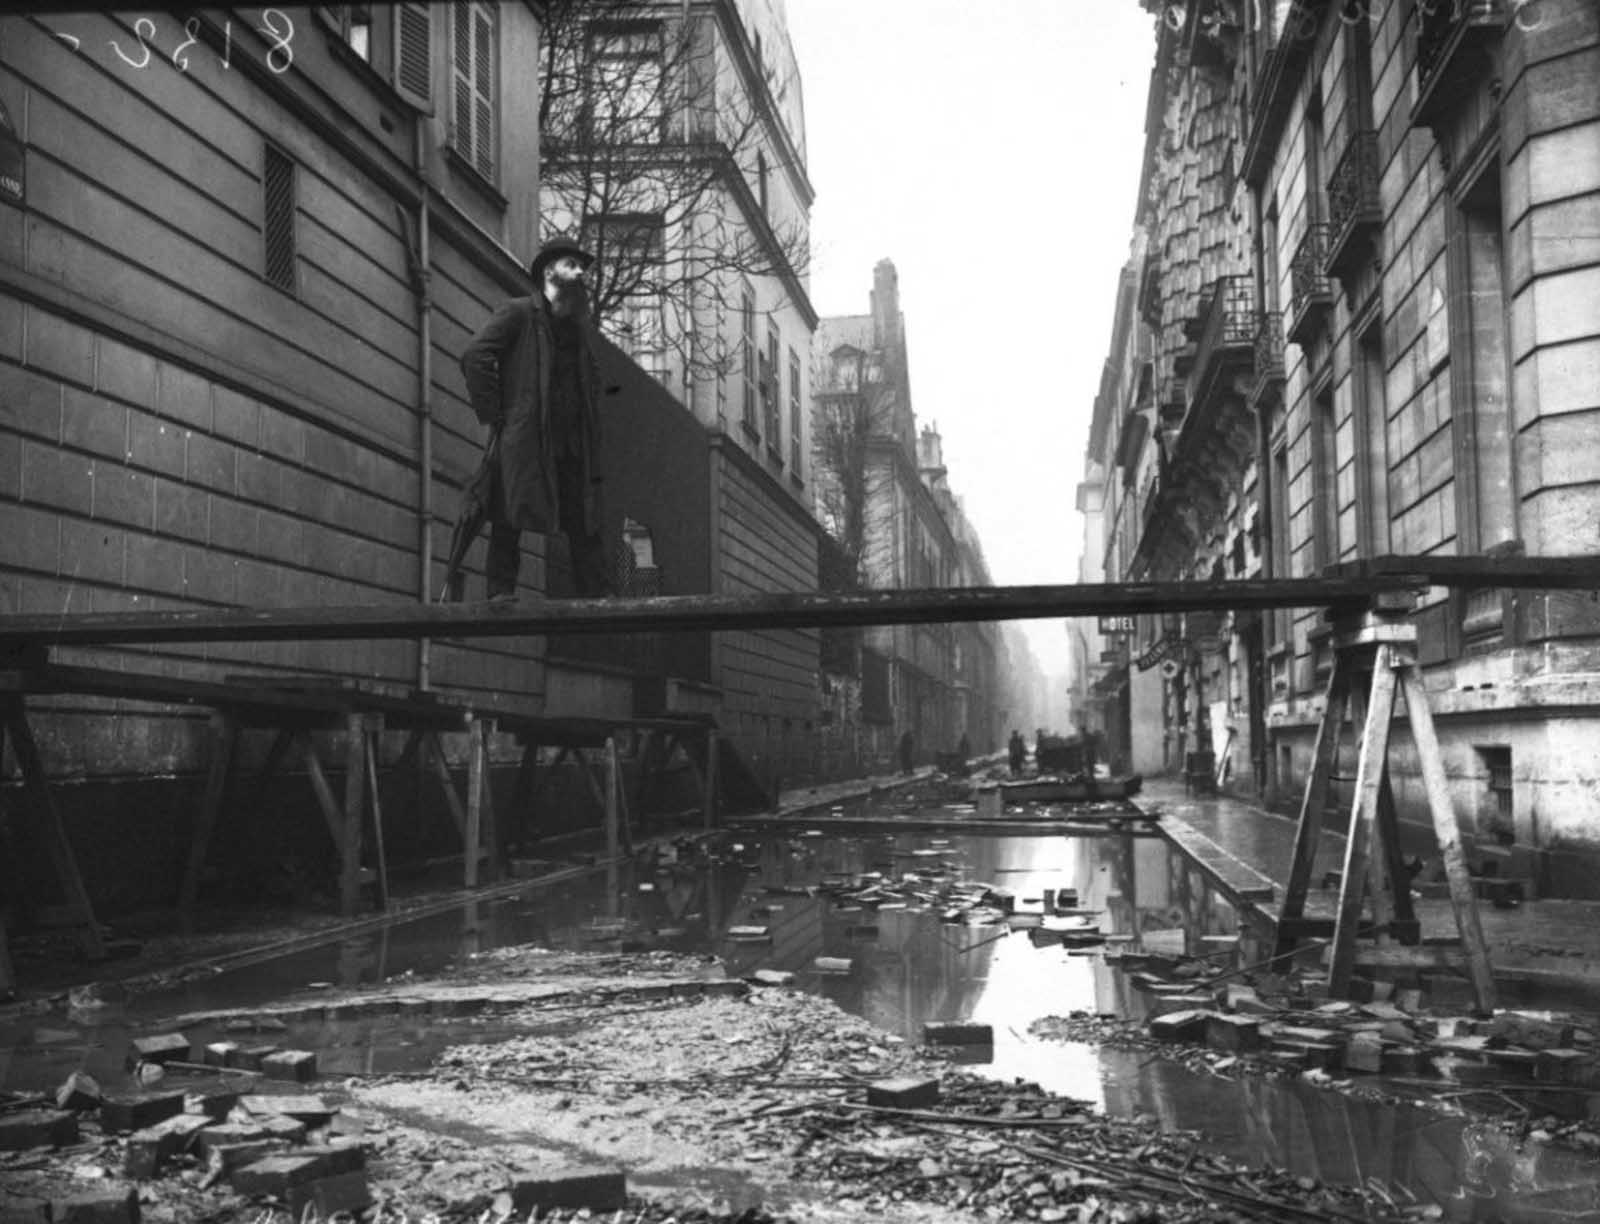 paris_flood_1910_10.jpg